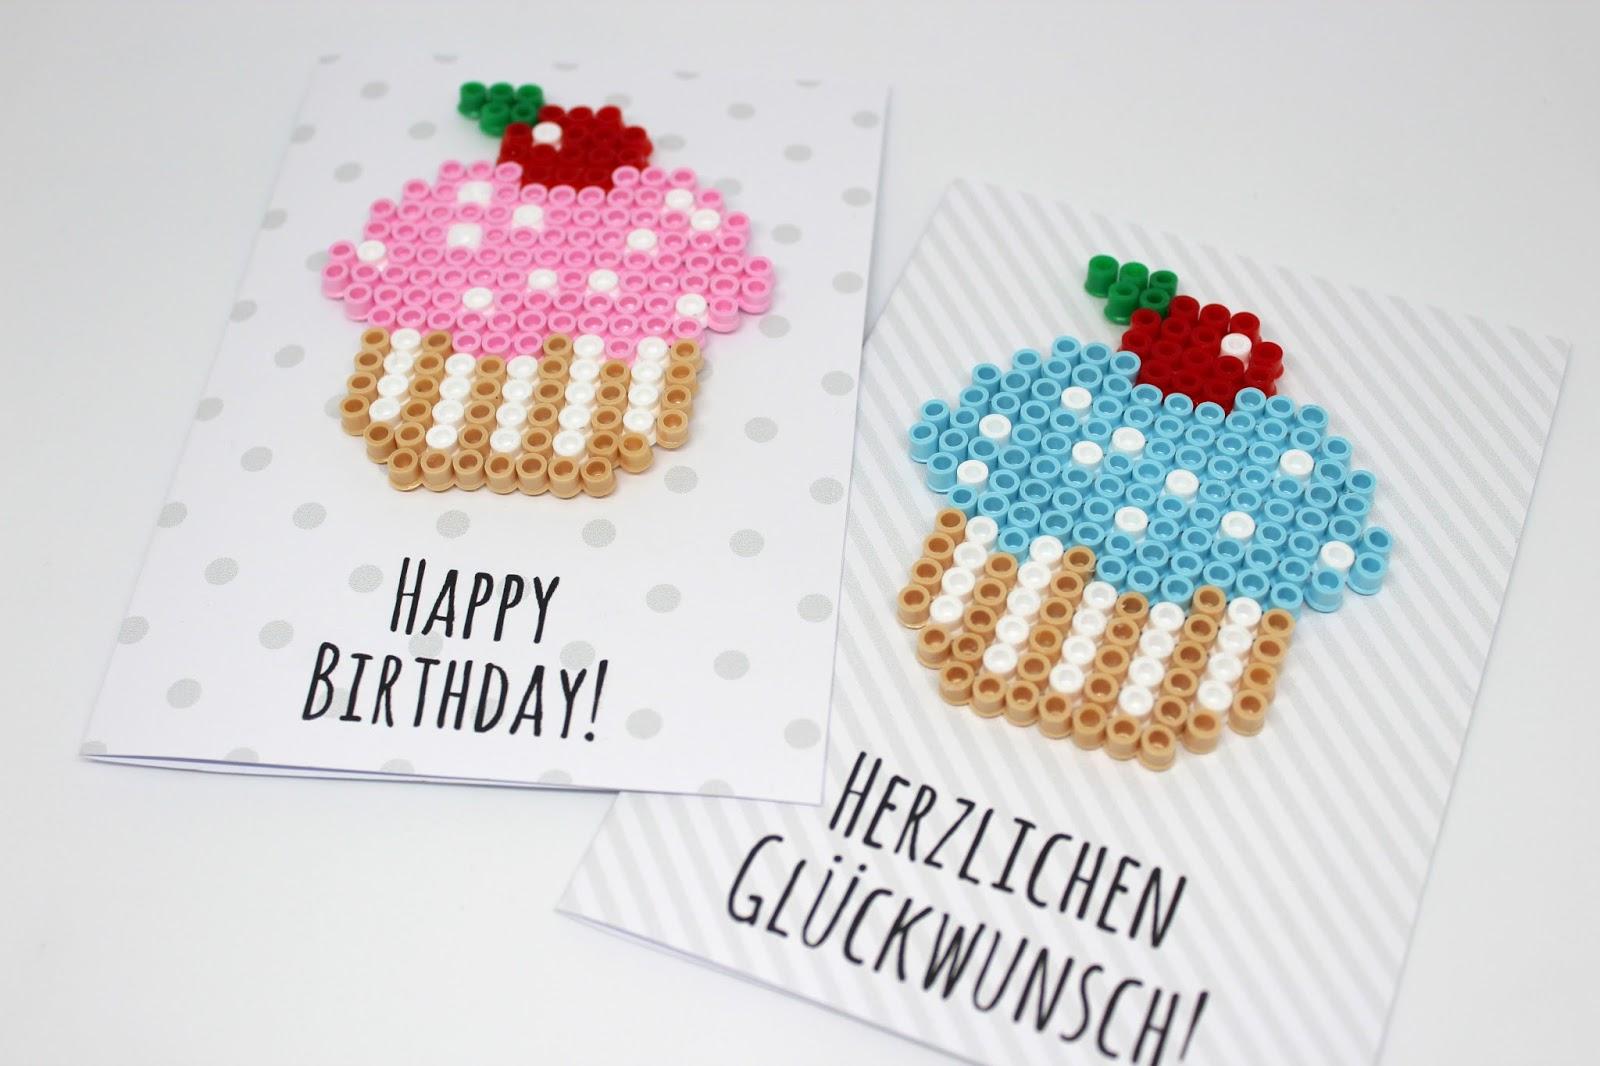 Diy Geburtstagkarten Aus Hama Bügelperlen Selber Machen Kostenlose